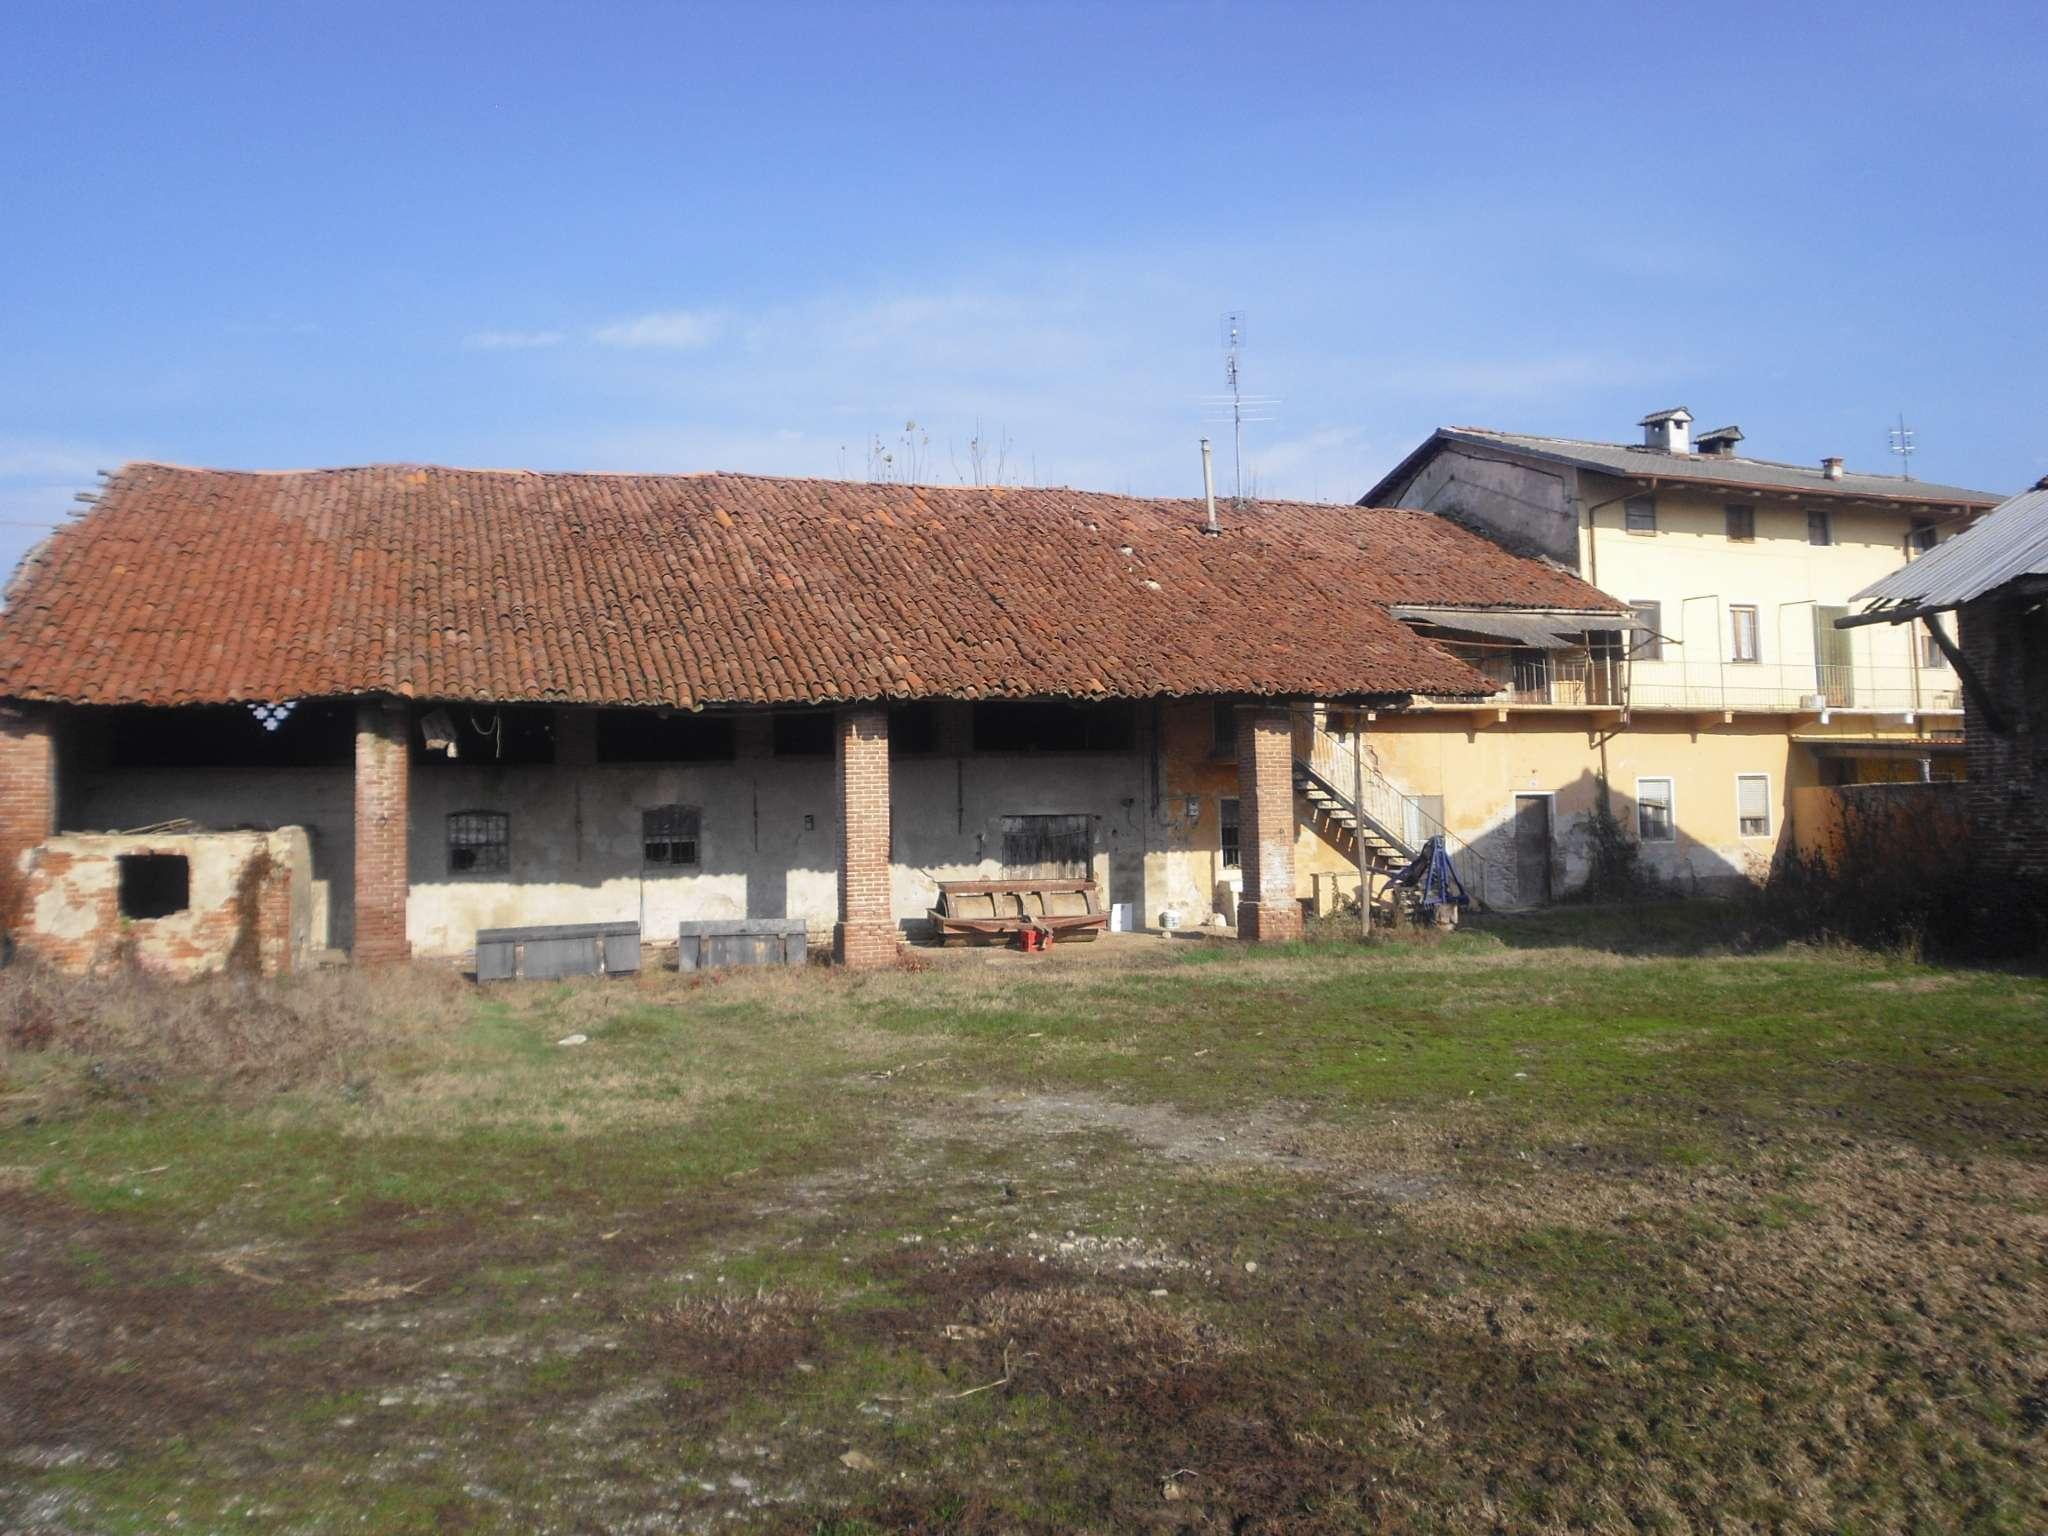 Rustico / Casale in vendita a Cuneo, 5 locali, prezzo € 75.000 | Cambio Casa.it